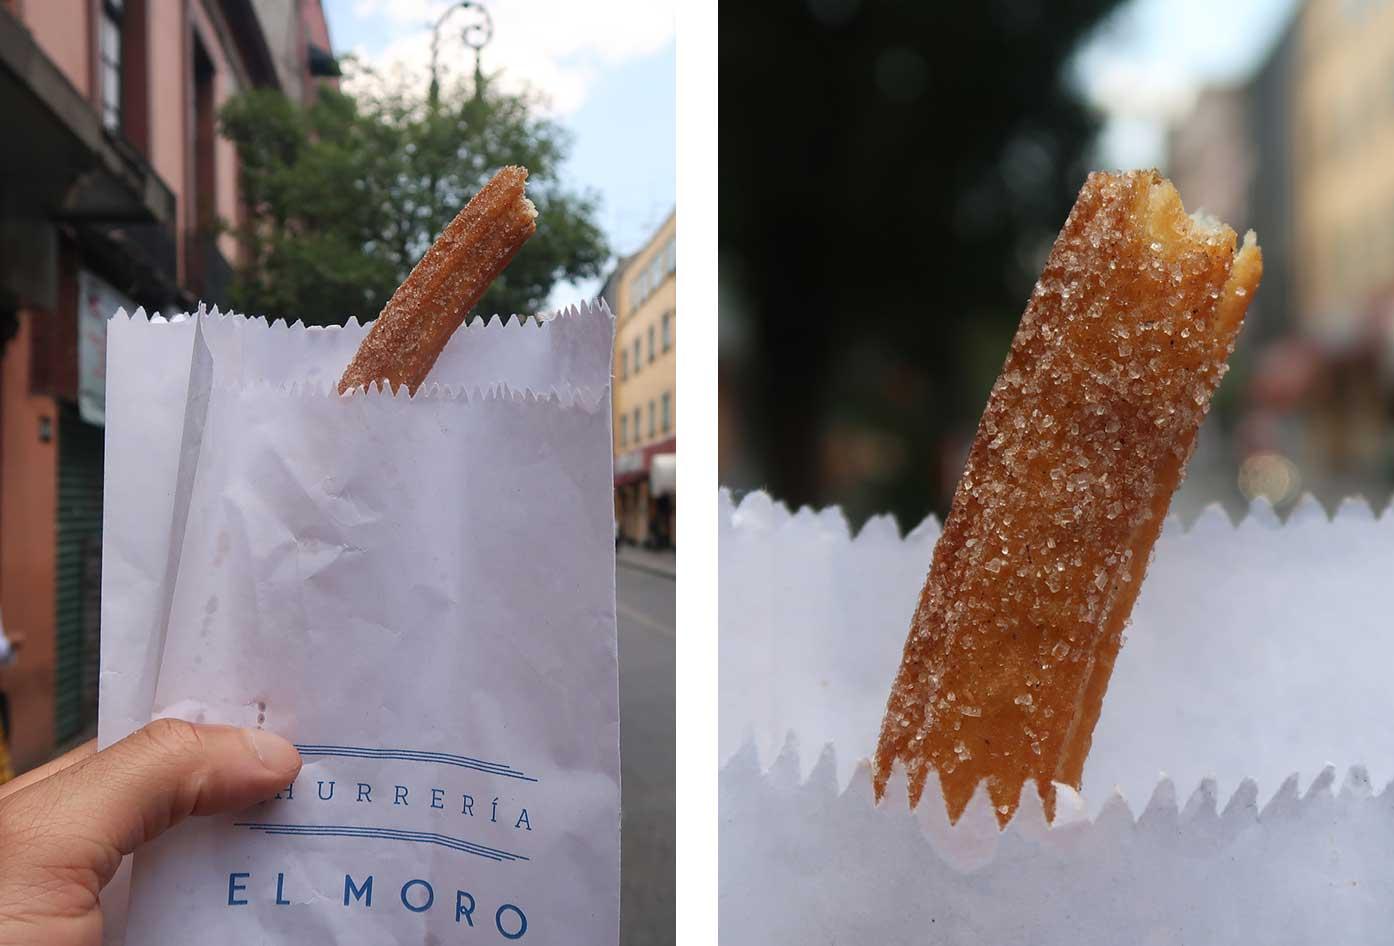 el morro churro mexico city